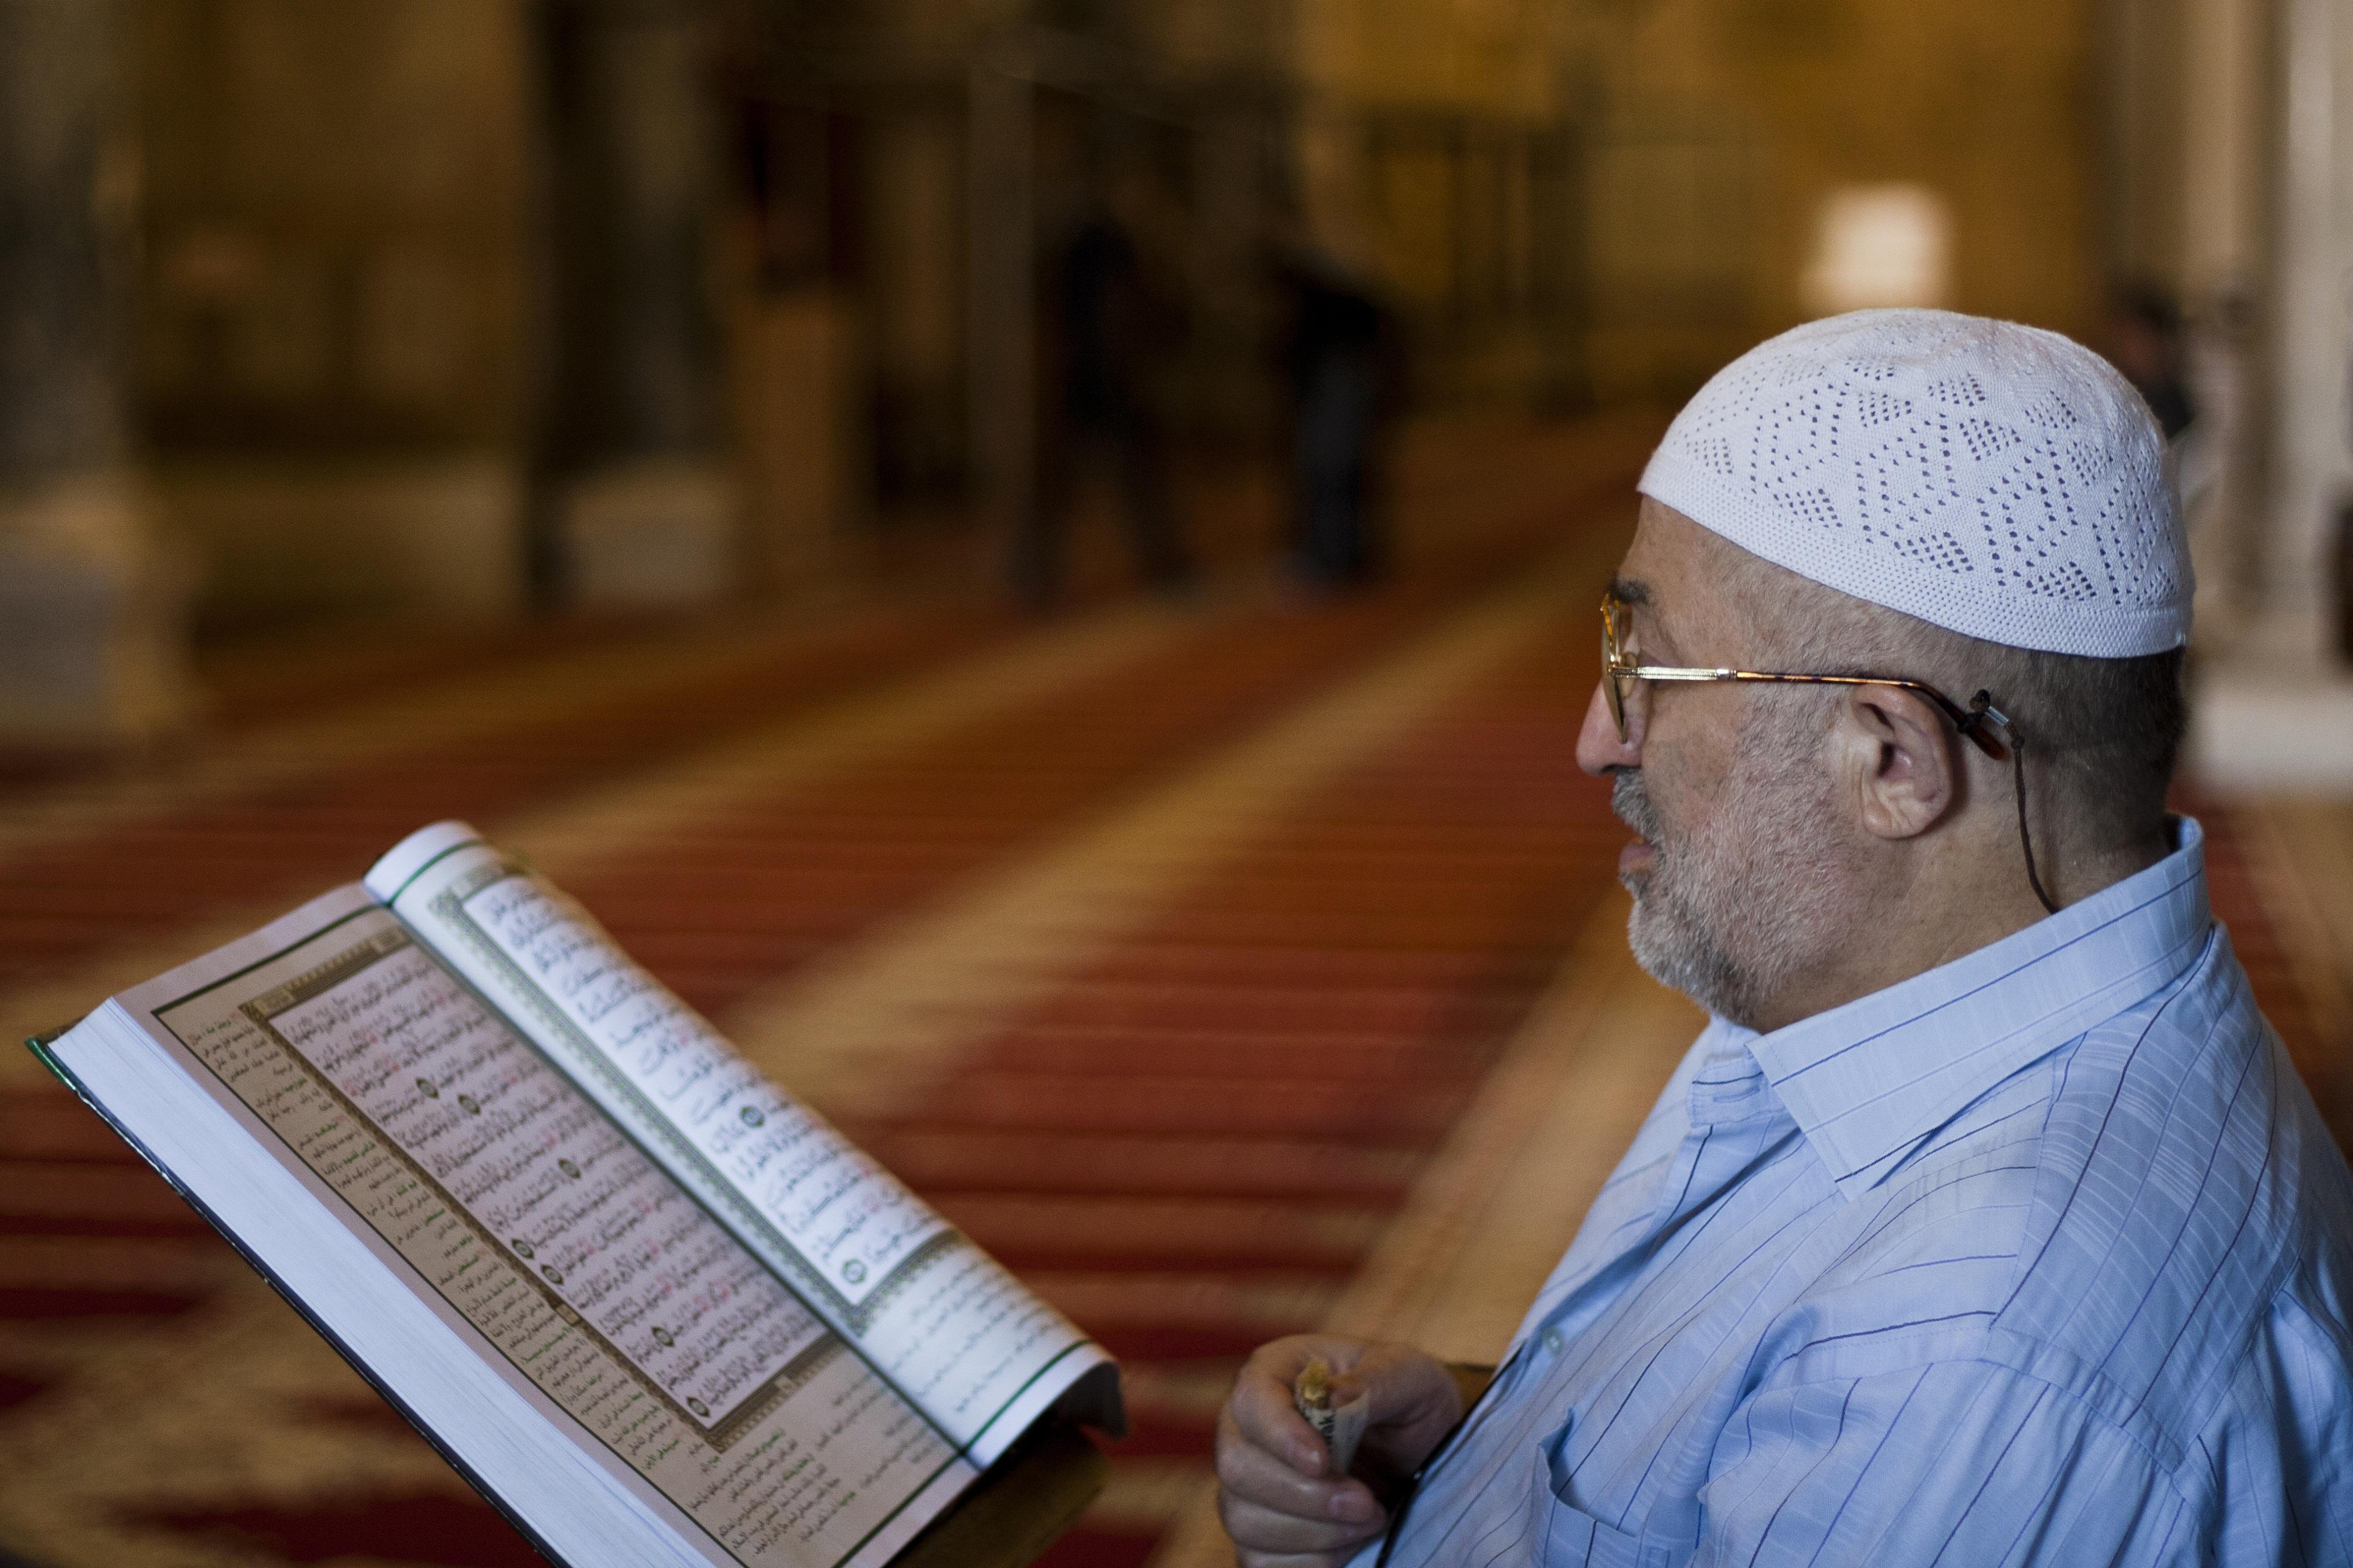 معجزات القرآن الكريم التى حيرت العالم